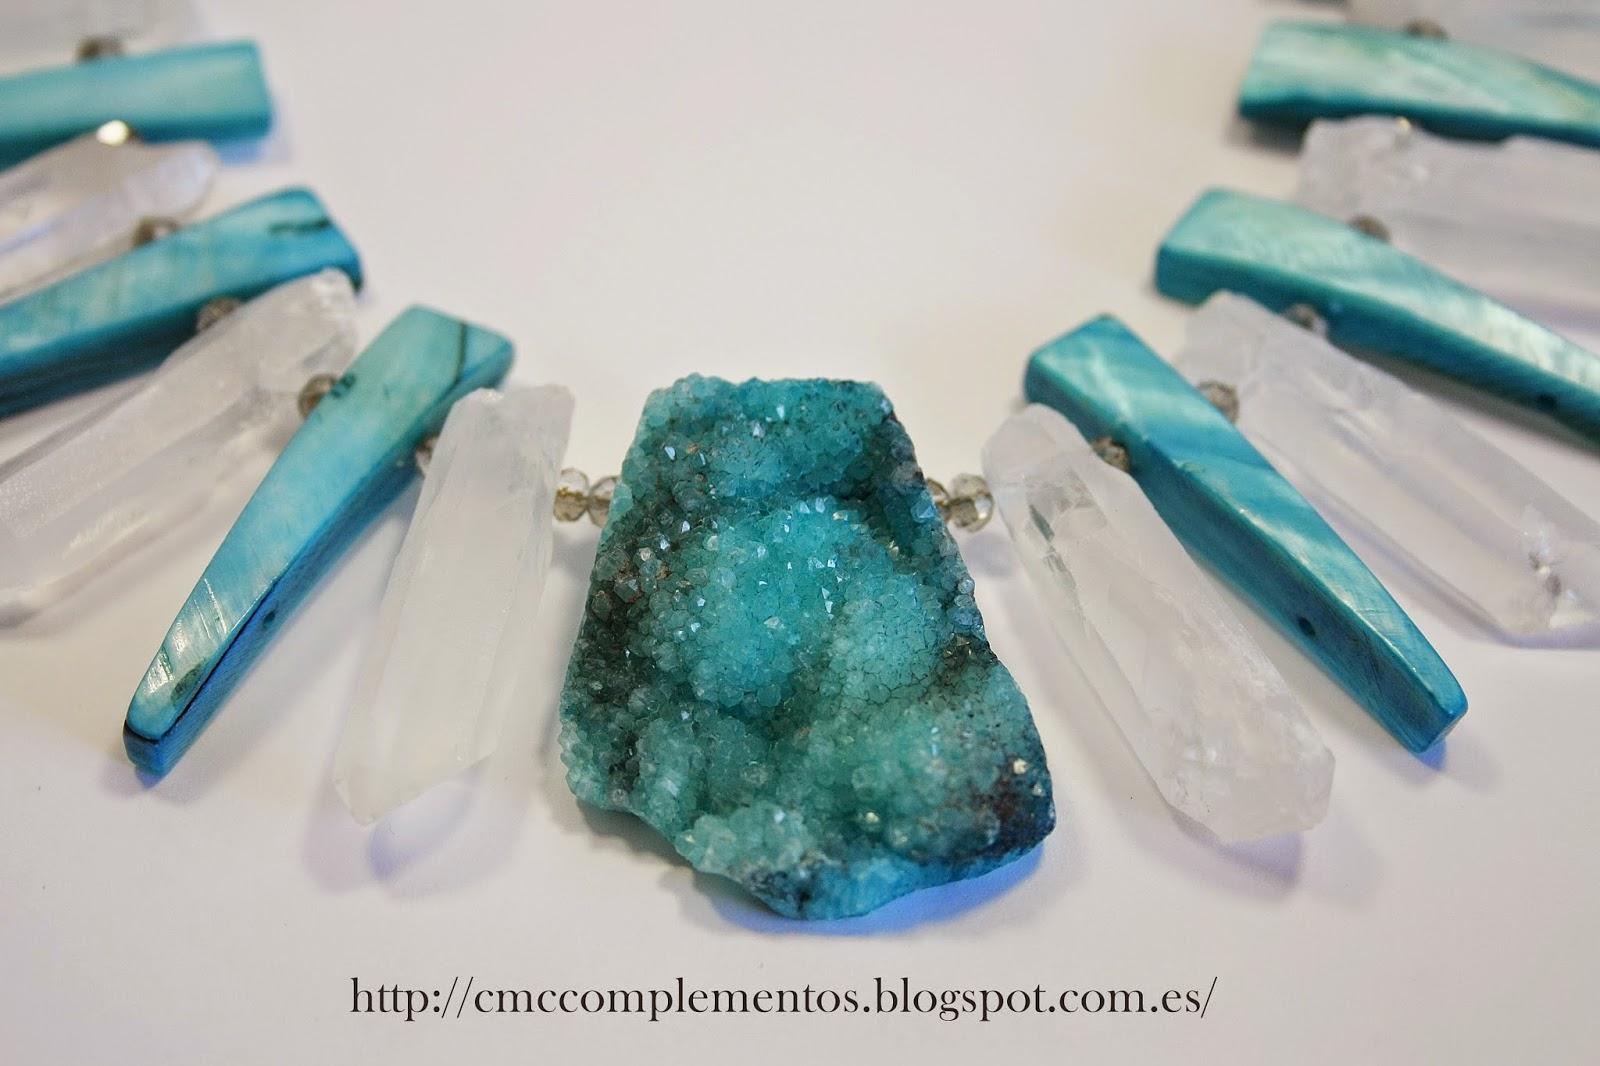 Cmc complementos collar tnico piedras naturales - Tipos de piedras naturales ...